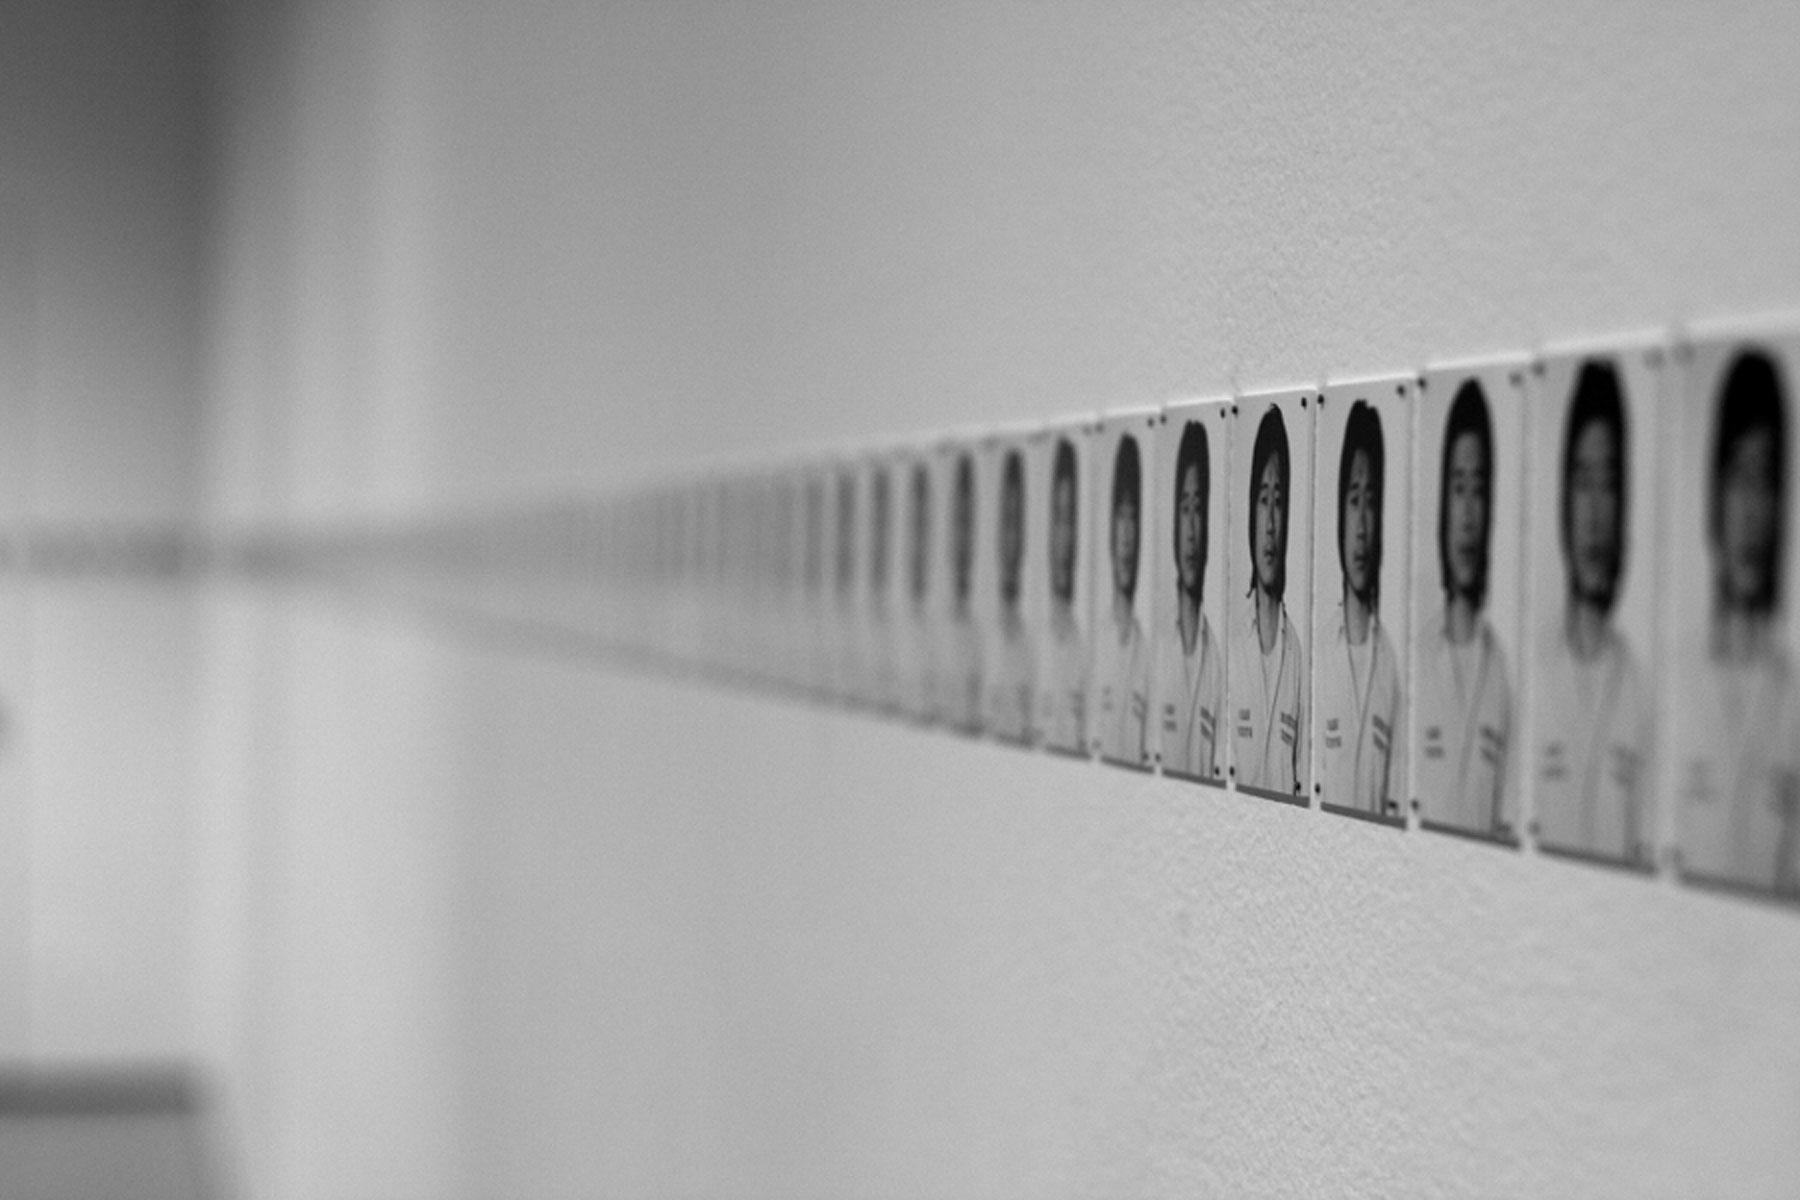 Le désir de disparaître par Éric Mangion Tehching Hsieh, exhibit at